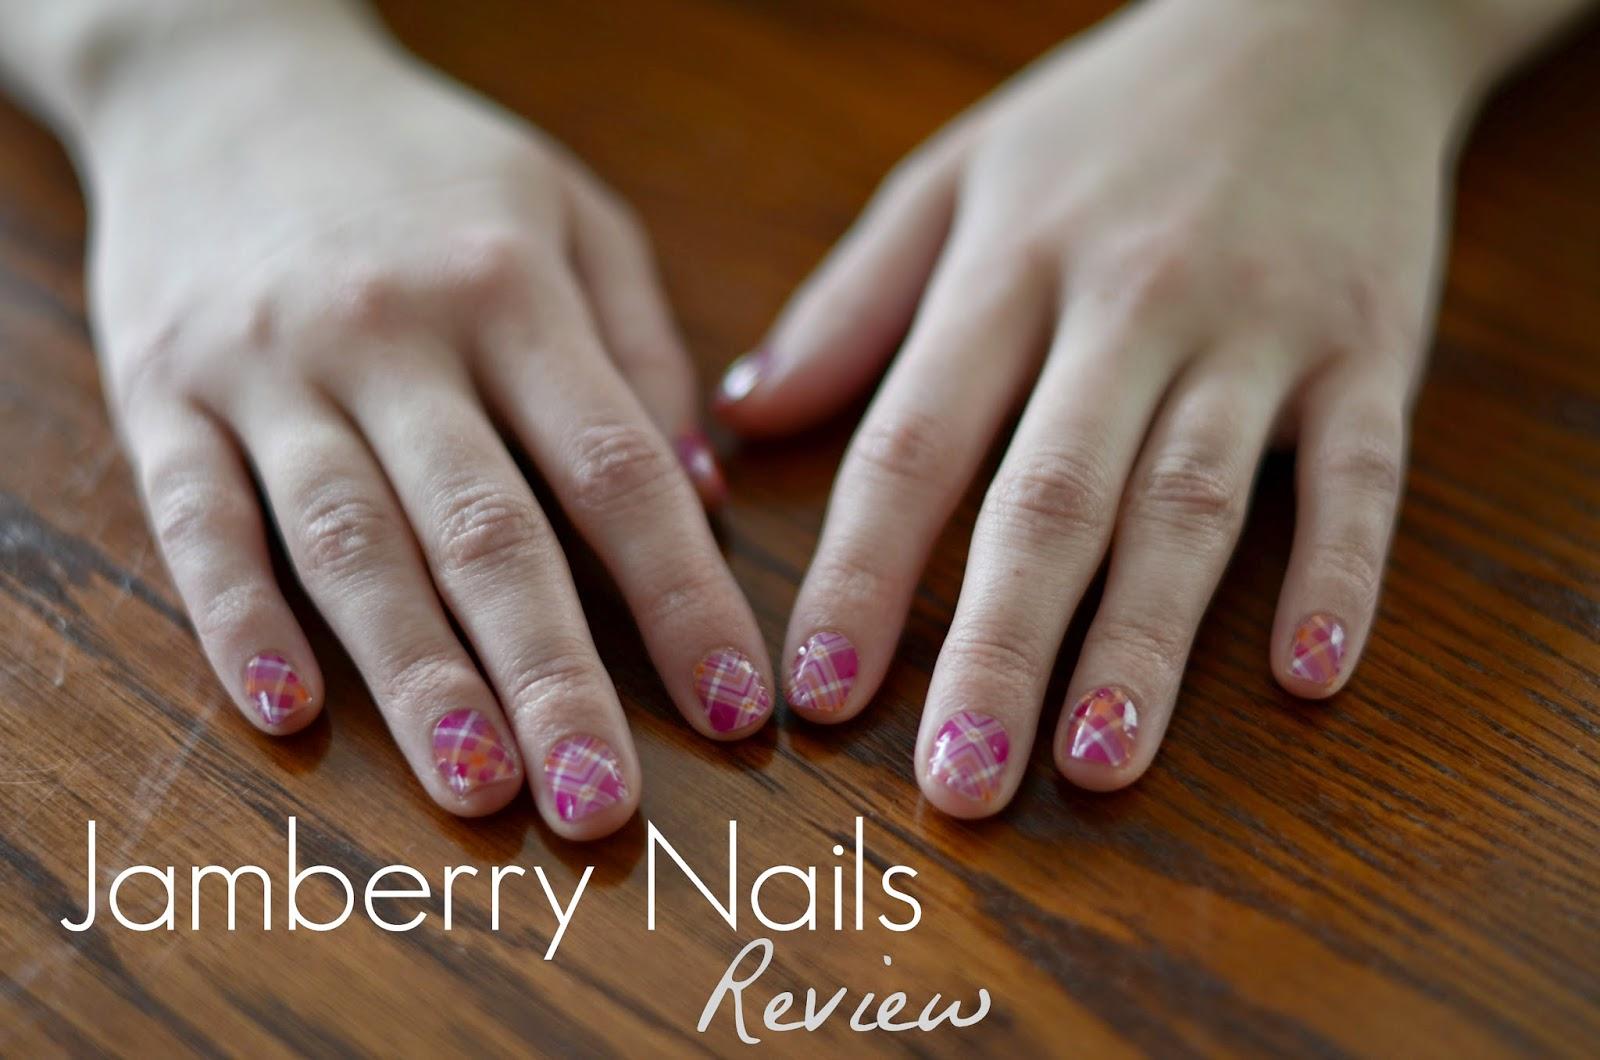 Bramblewood Fashion | Modest Fashion & Beauty Blog: Jamberry Nails ...